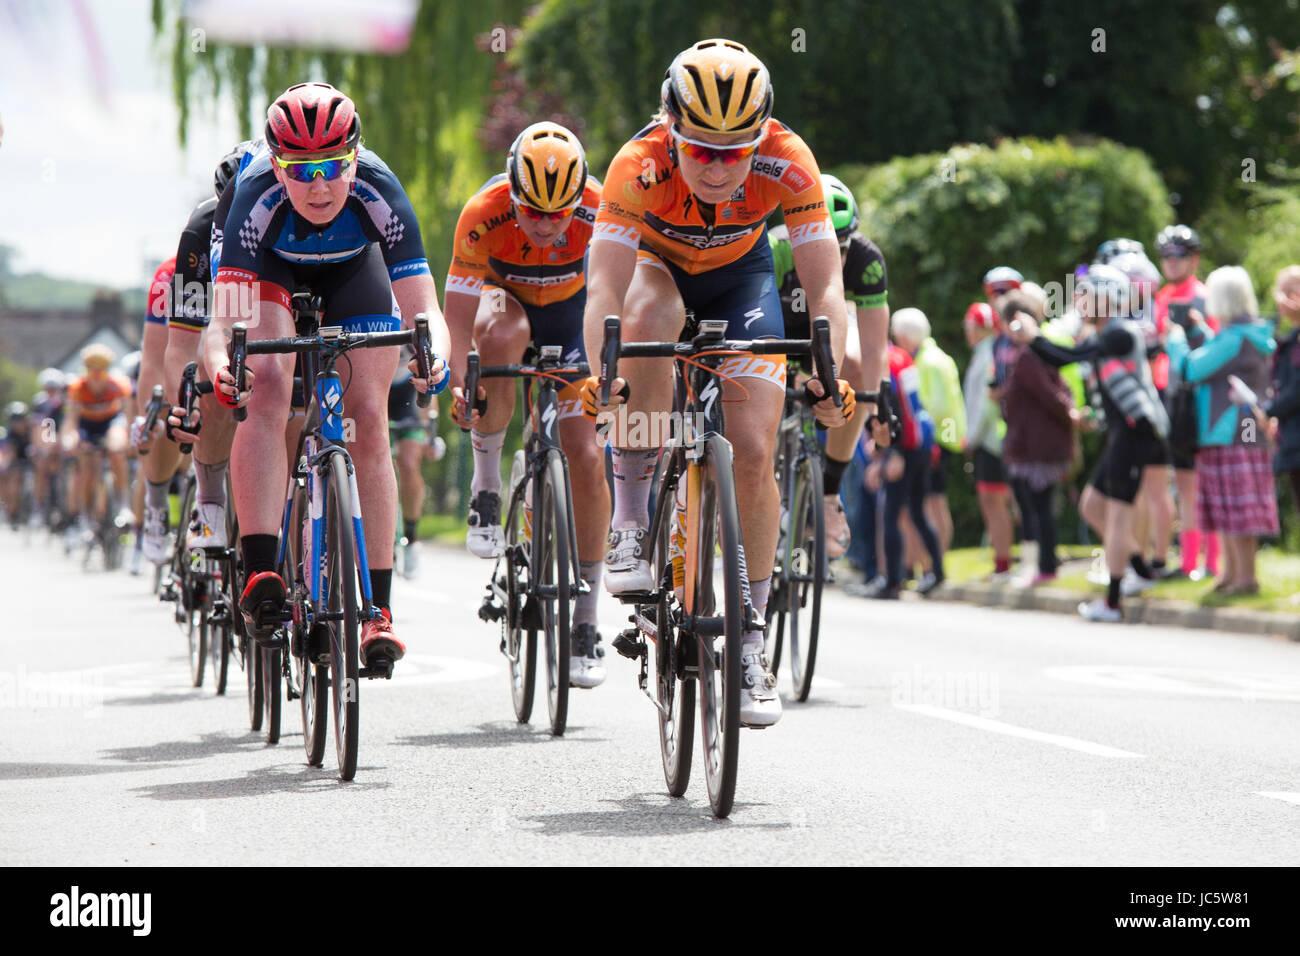 Del Tour femminile Wellesbourne l'OVO donna ciclo Tour, stadio tre, la sprint attraverso Wellesbourne, Warwickshire Immagini Stock